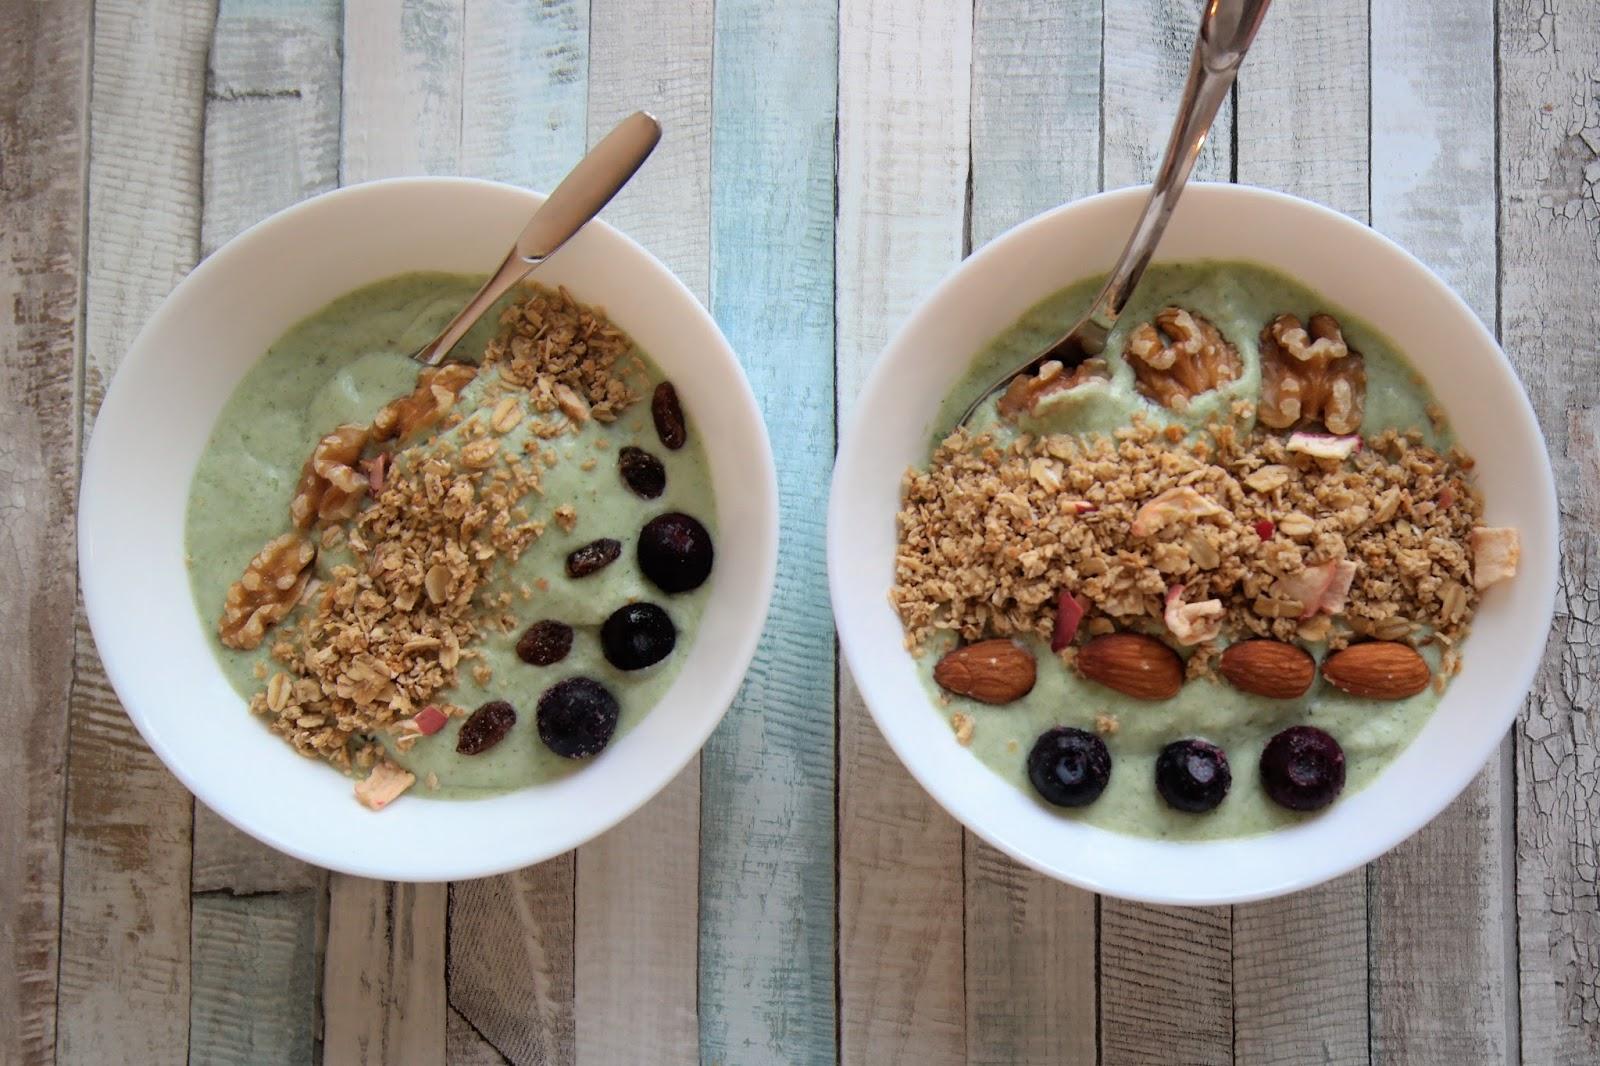 Miten saada taapero syömään enemmän kasviksia?